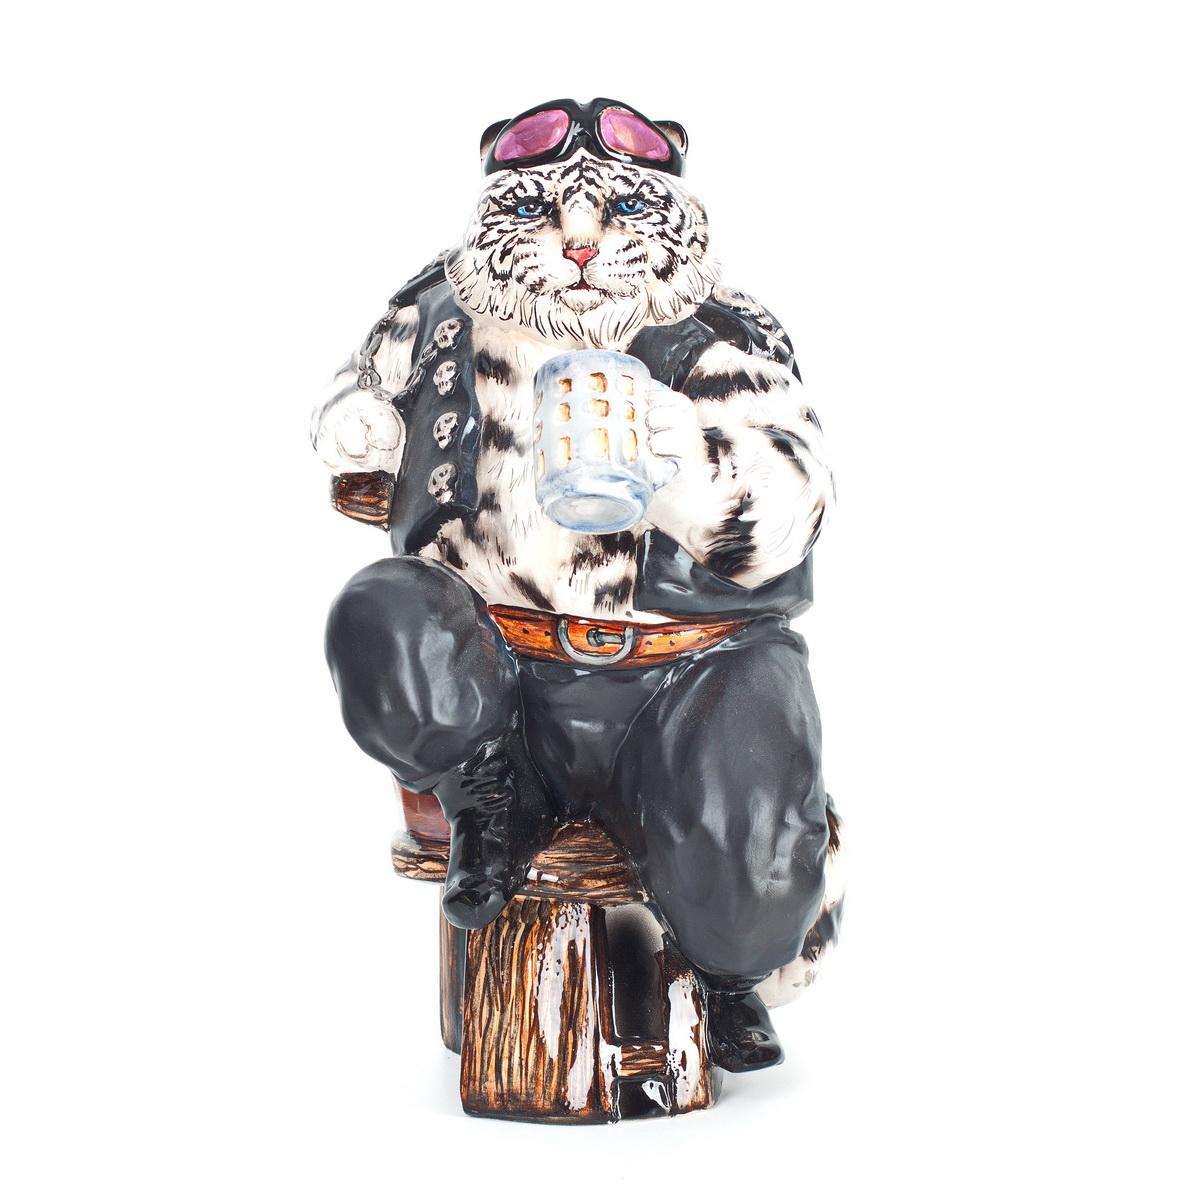 """Керамическая статуэтка """"Белый тигр байкер"""". ZORA. Россия.Керамика Zora, ручная работа, ручная роспись, три обжига, смешанная техника глазури, платина 13 %, драг, содержащий люстр на очках.Размер: 28 х 18 см.Сохранность хорошая.Внимание! Лимитированная серия!Отличный подарок для мужчины! Брутальный белый тигр - любитель красивых женщин, пива и гонок.Три обжига, использование 13% платины на деталях одежды. Драгосодержащий люстр на очках. Одежда полностью имитирует кожу. Эта статуэтка вызовет улыбку, поднимет настроение и украсит любой интерьер."""